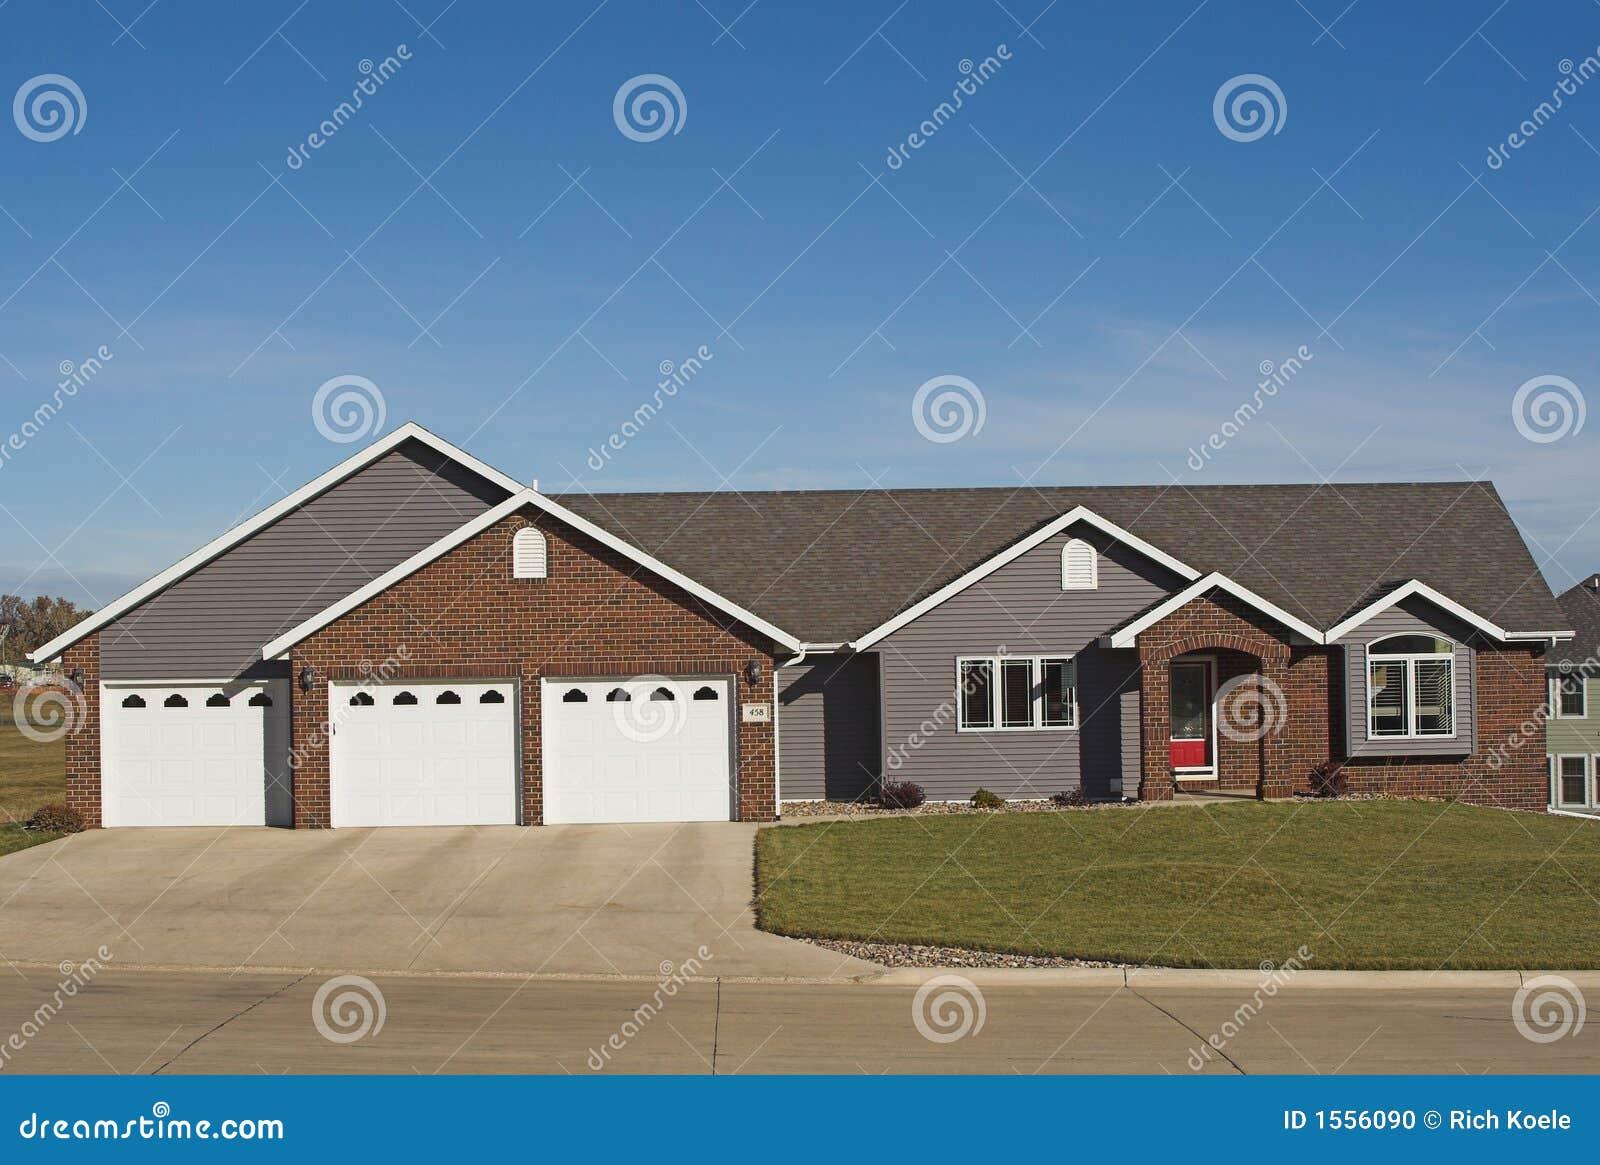 Executive home ny ranch